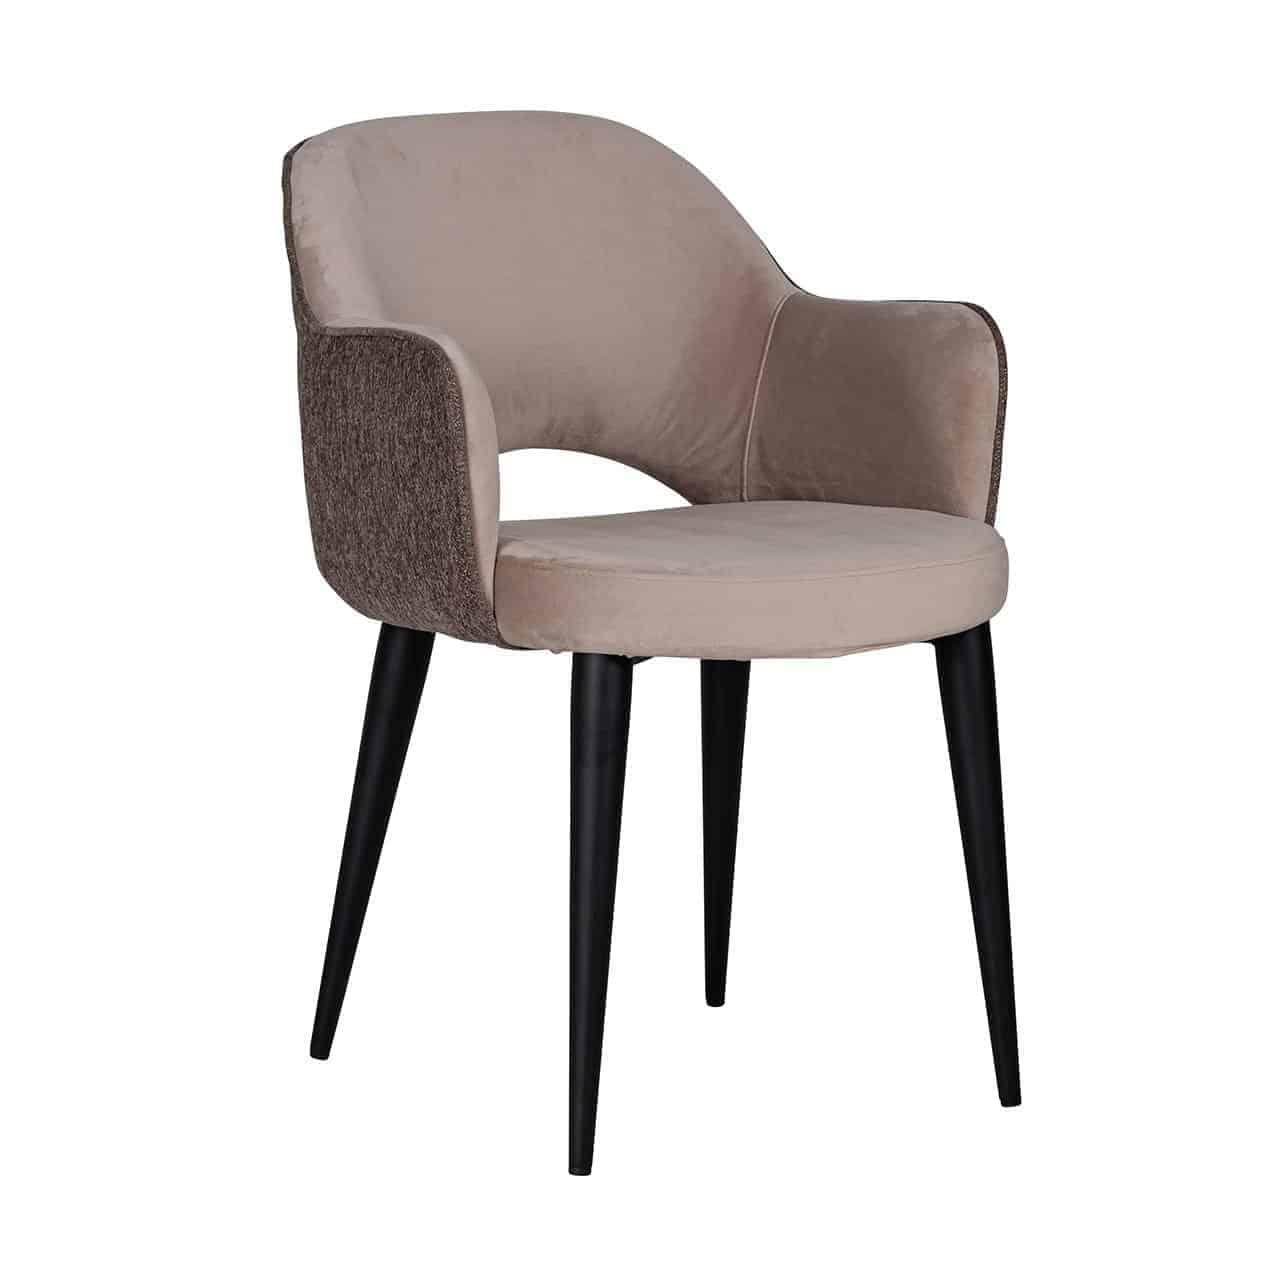 Salle A Manger Gris Taupe: Chaise Design Avec Accoudoirs Pieds Métal Noir Assise